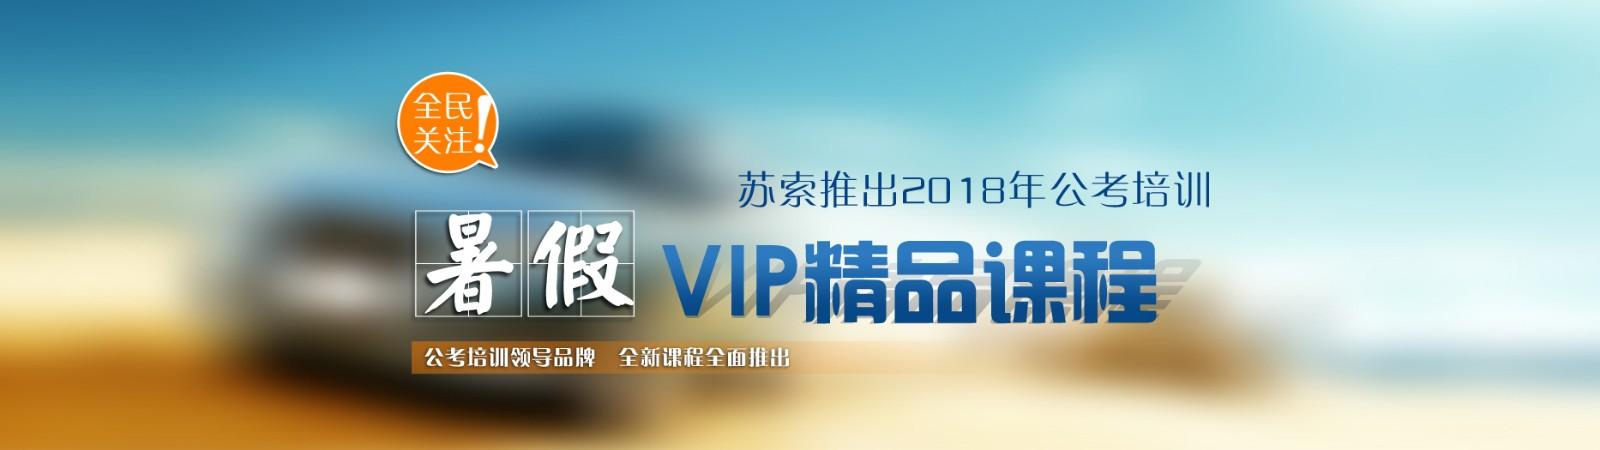 南京苏索教育 横幅广告